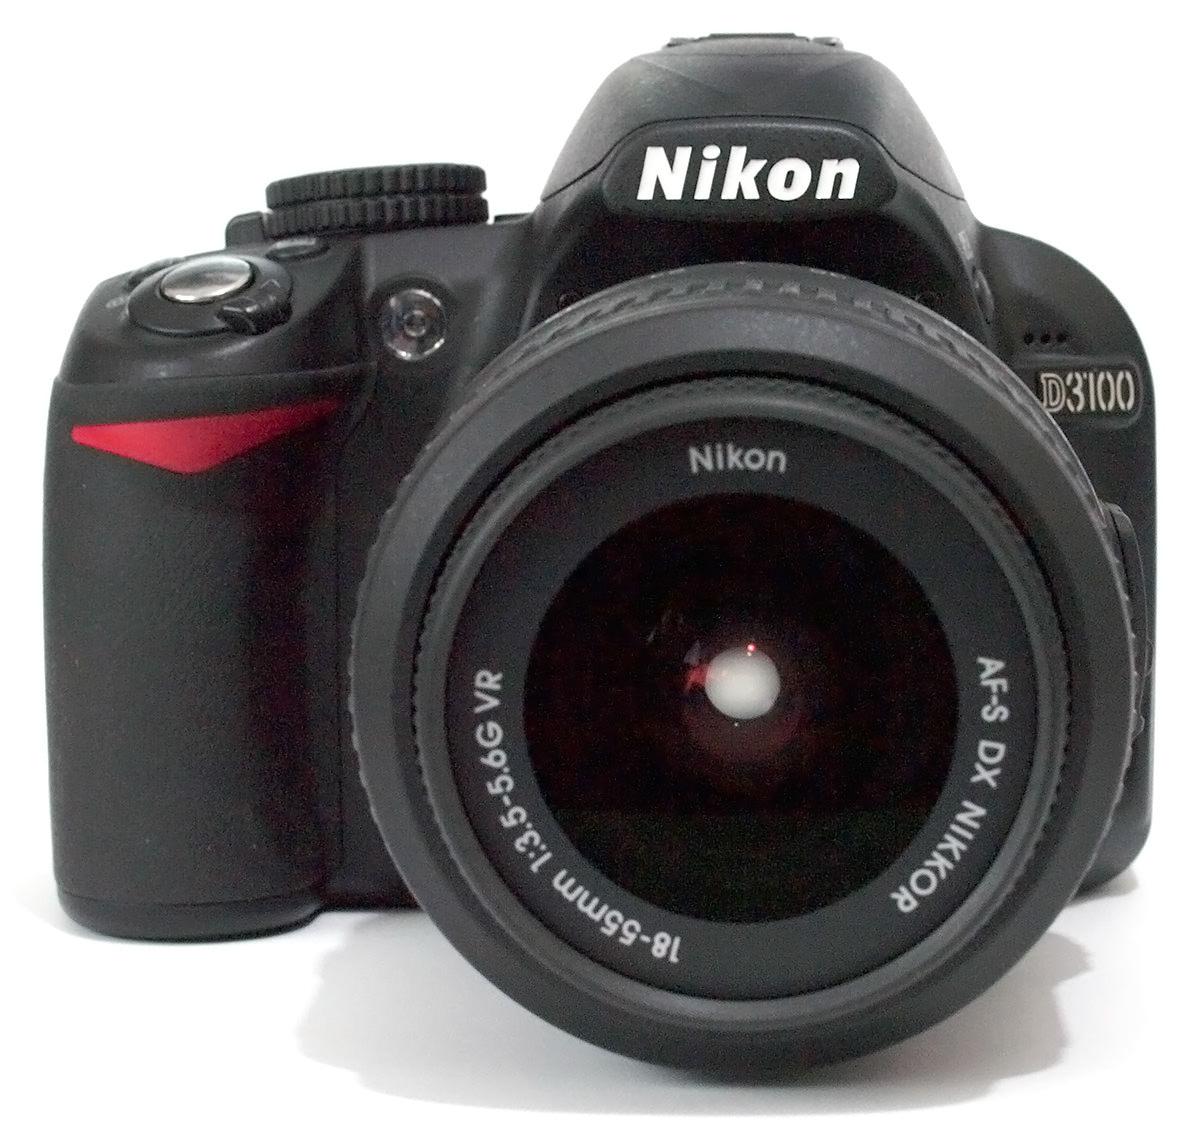 Camera Best Dslr Budget Camera top 4 best budget dslrs under 400 nikon d3100 front